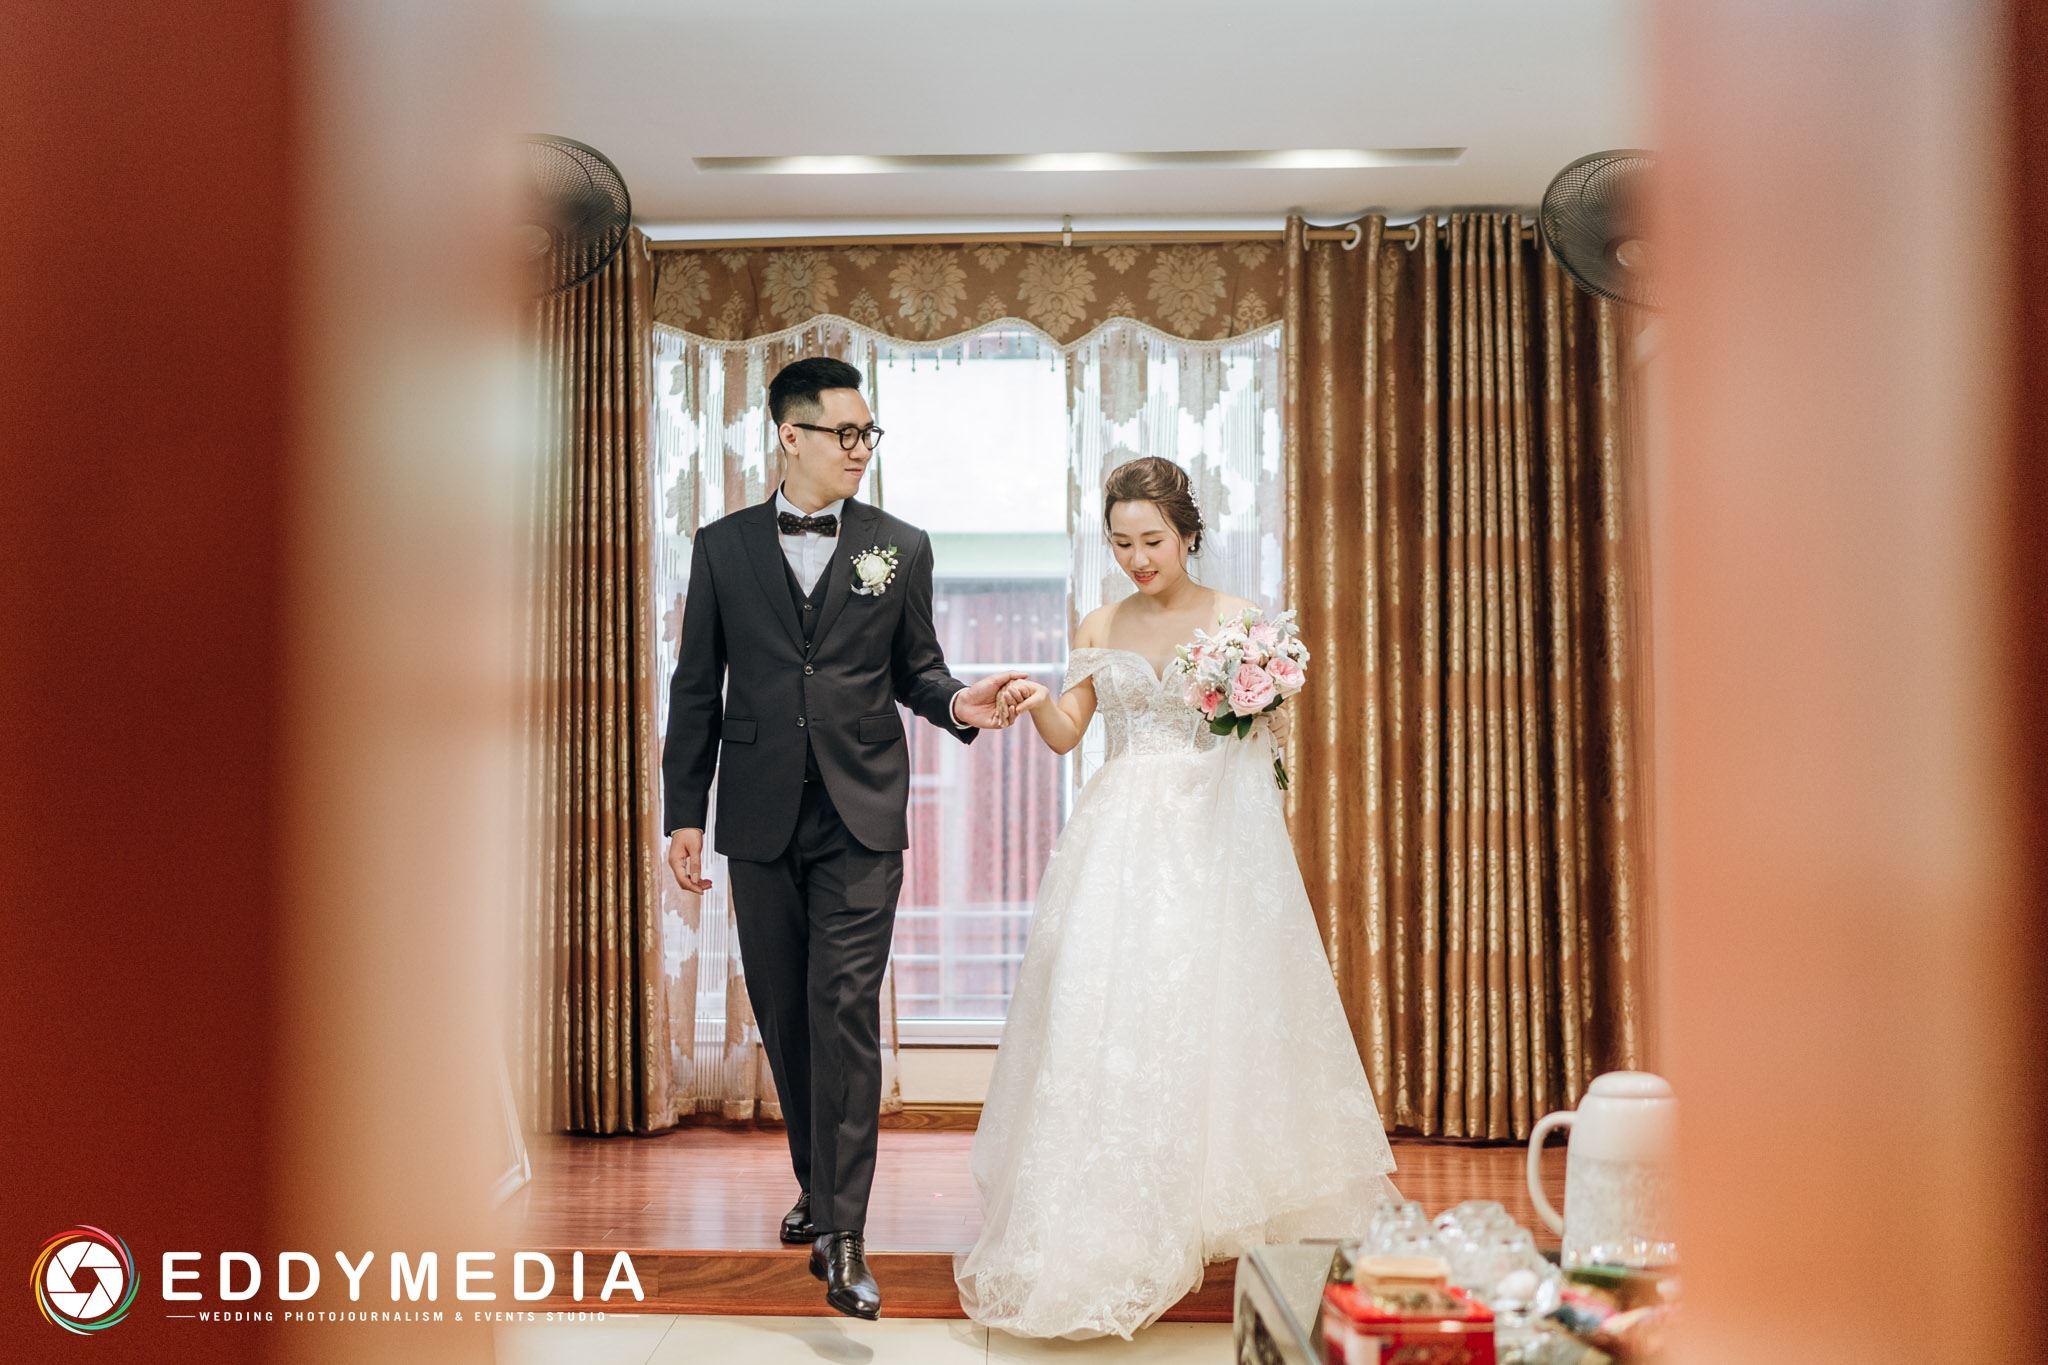 Phongsucuoi Vuduc KhanhLy EddyMedia 57 giá chụp ảnh đám cưới,giá chụp ảnh tiệc cưới,thuê chụp ảnh ngày cưới